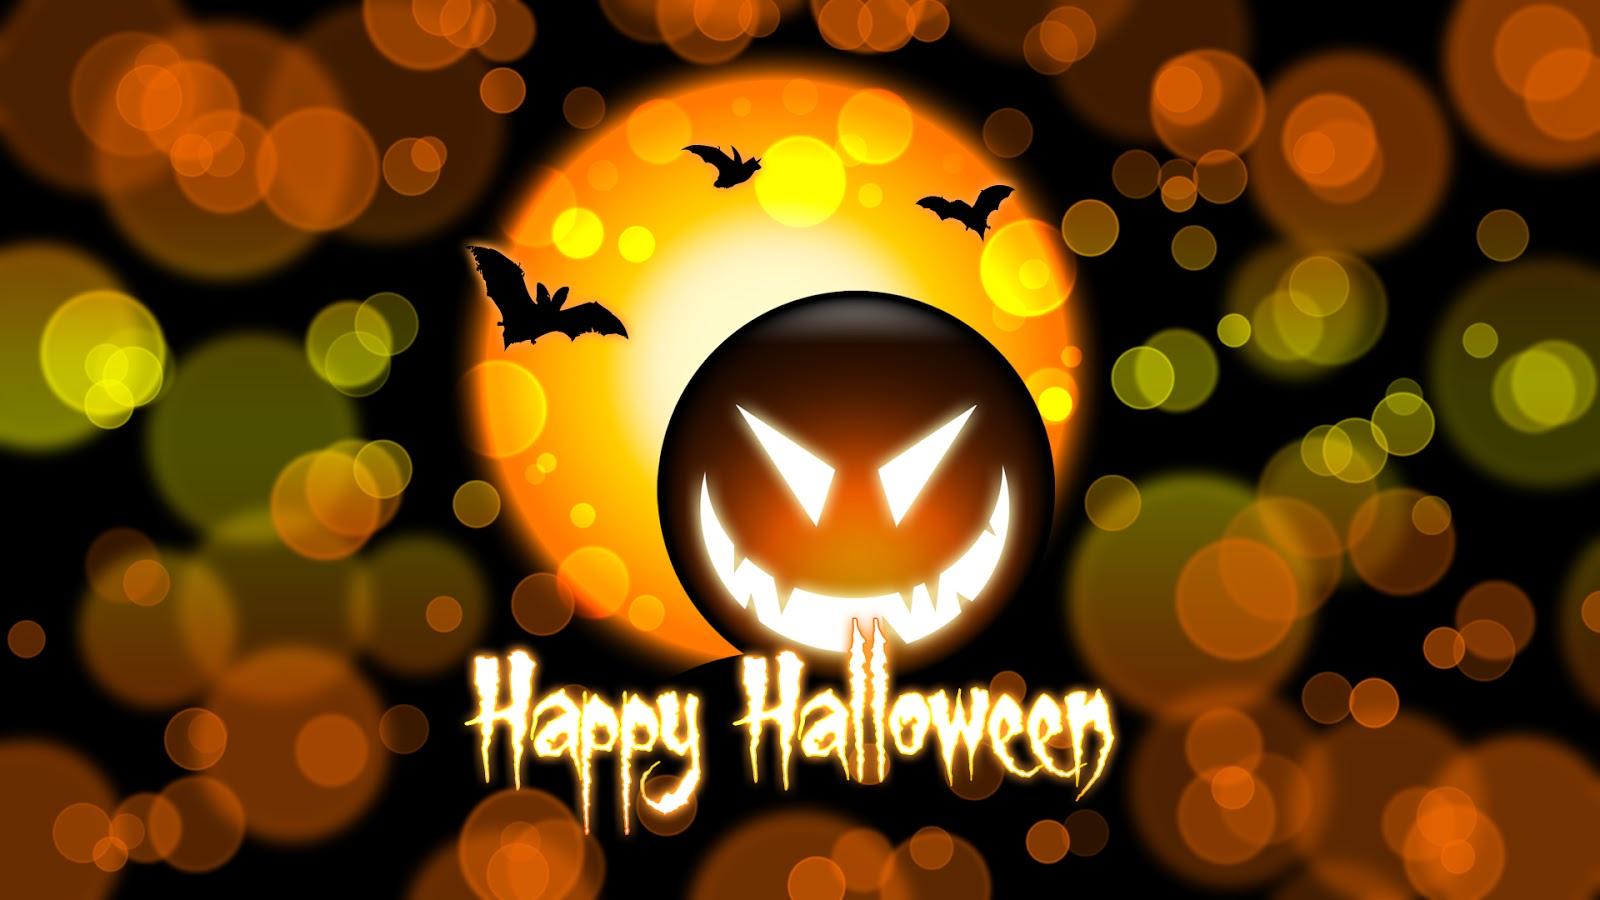 Wallpaper world happy halloween - Funny happy halloween wallpaper ...